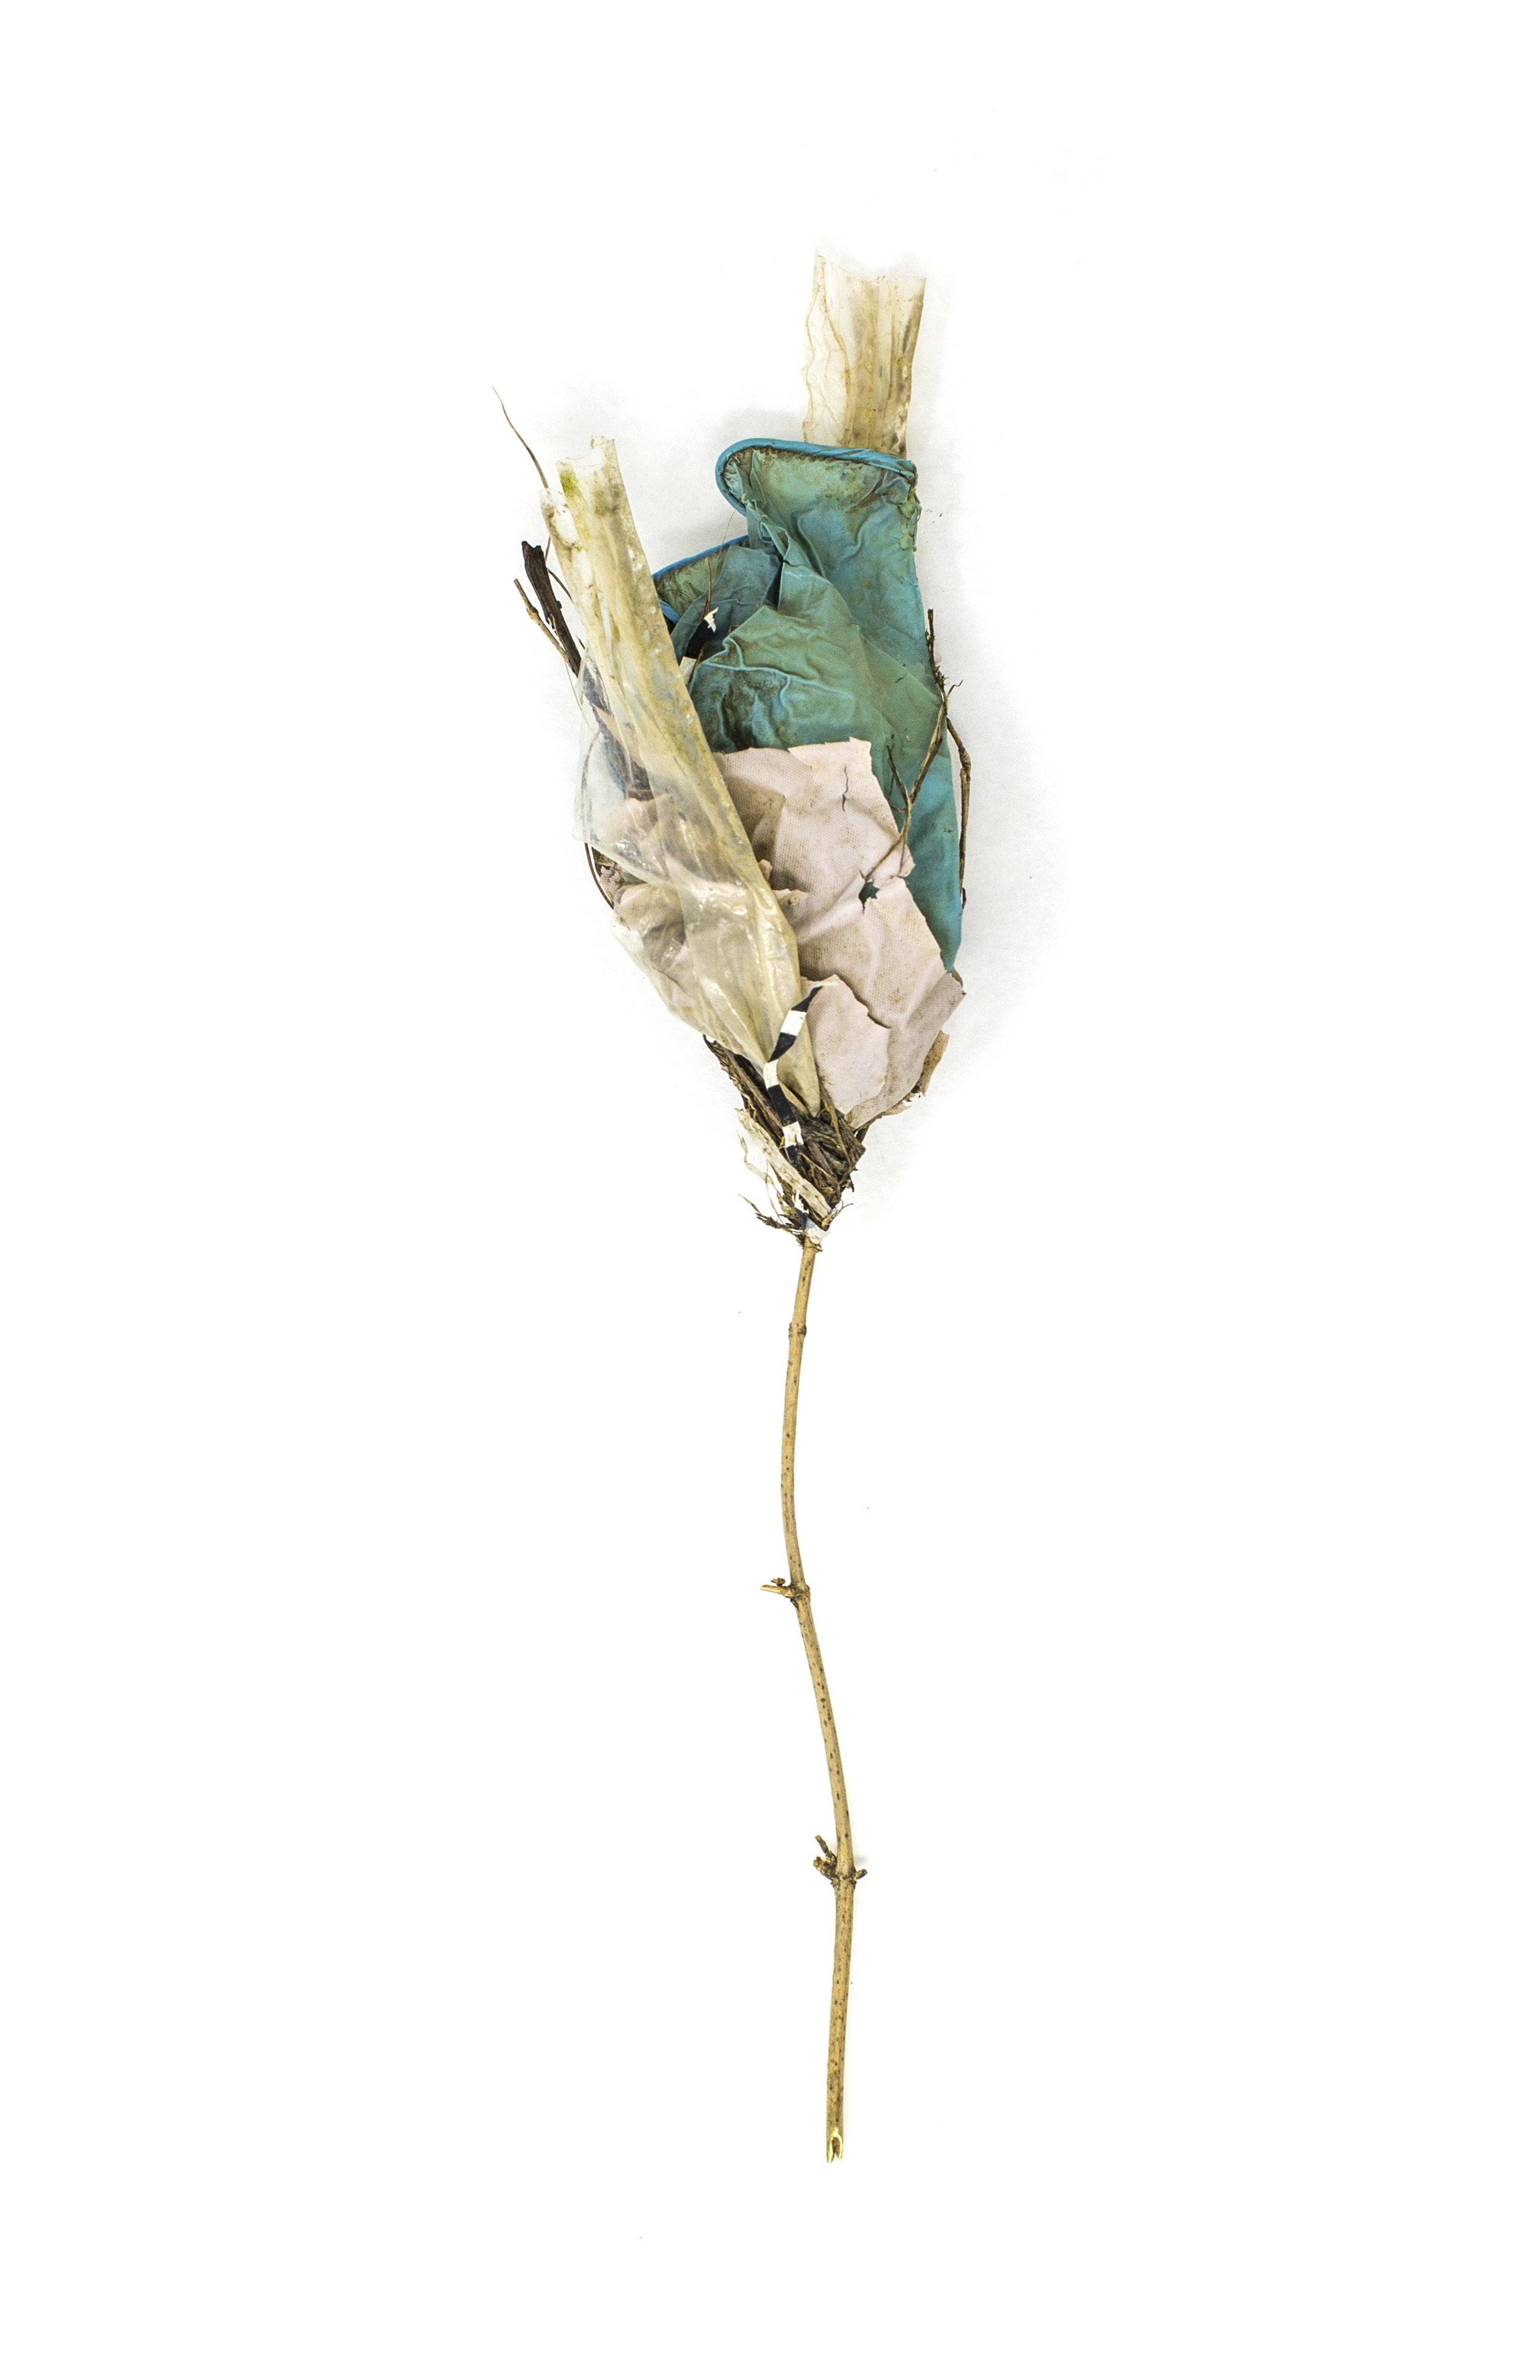 Debris_Flower_47.jpg